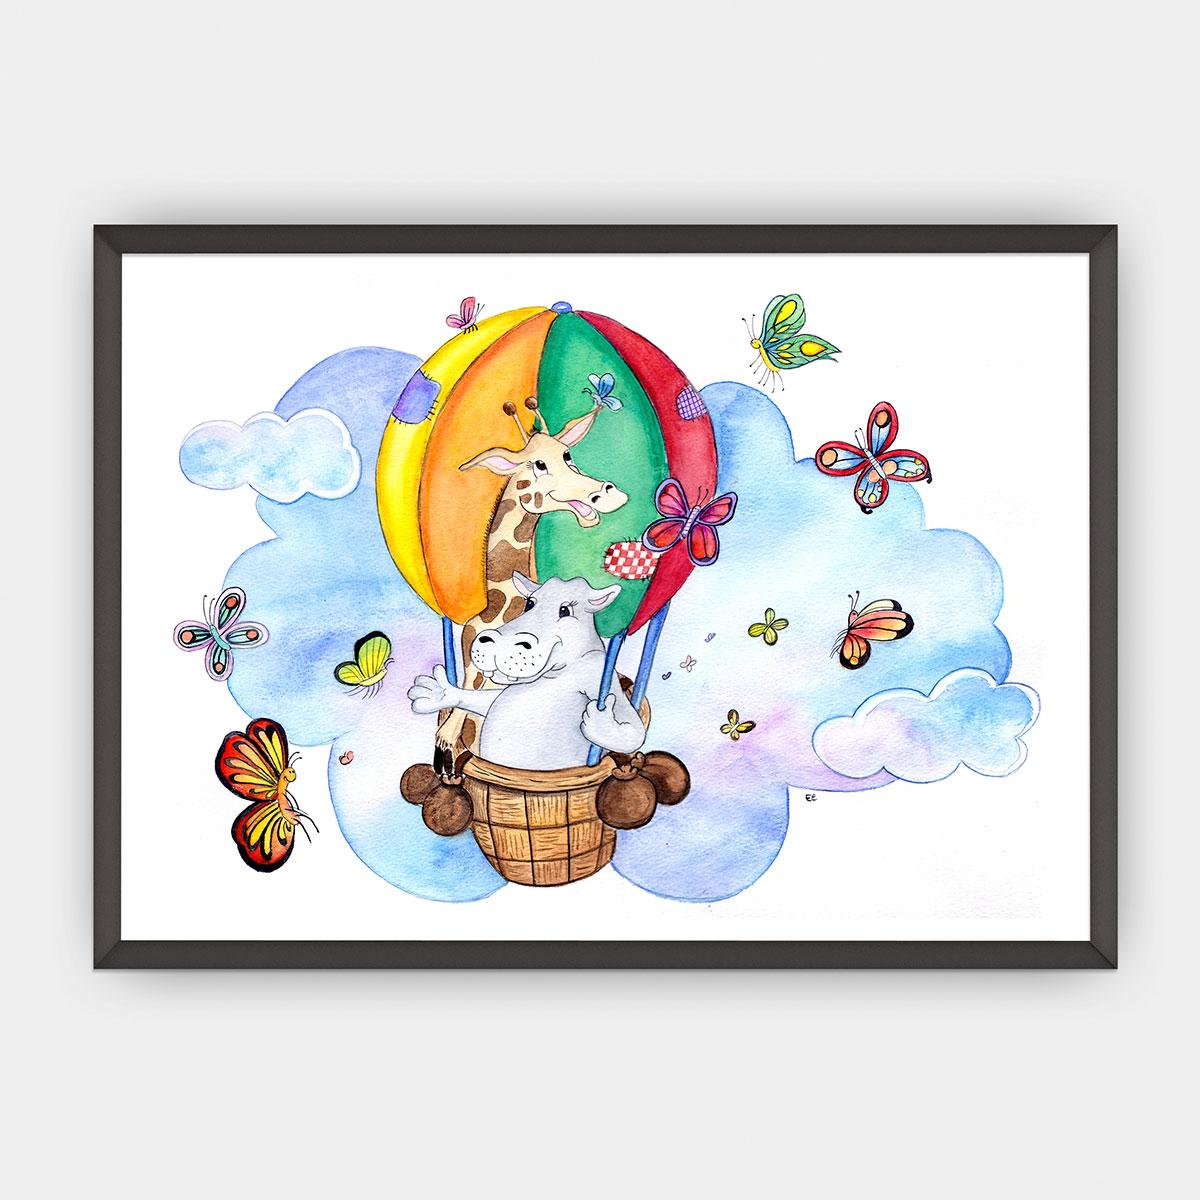 Art-og-flomme-luftballon-ivimedia